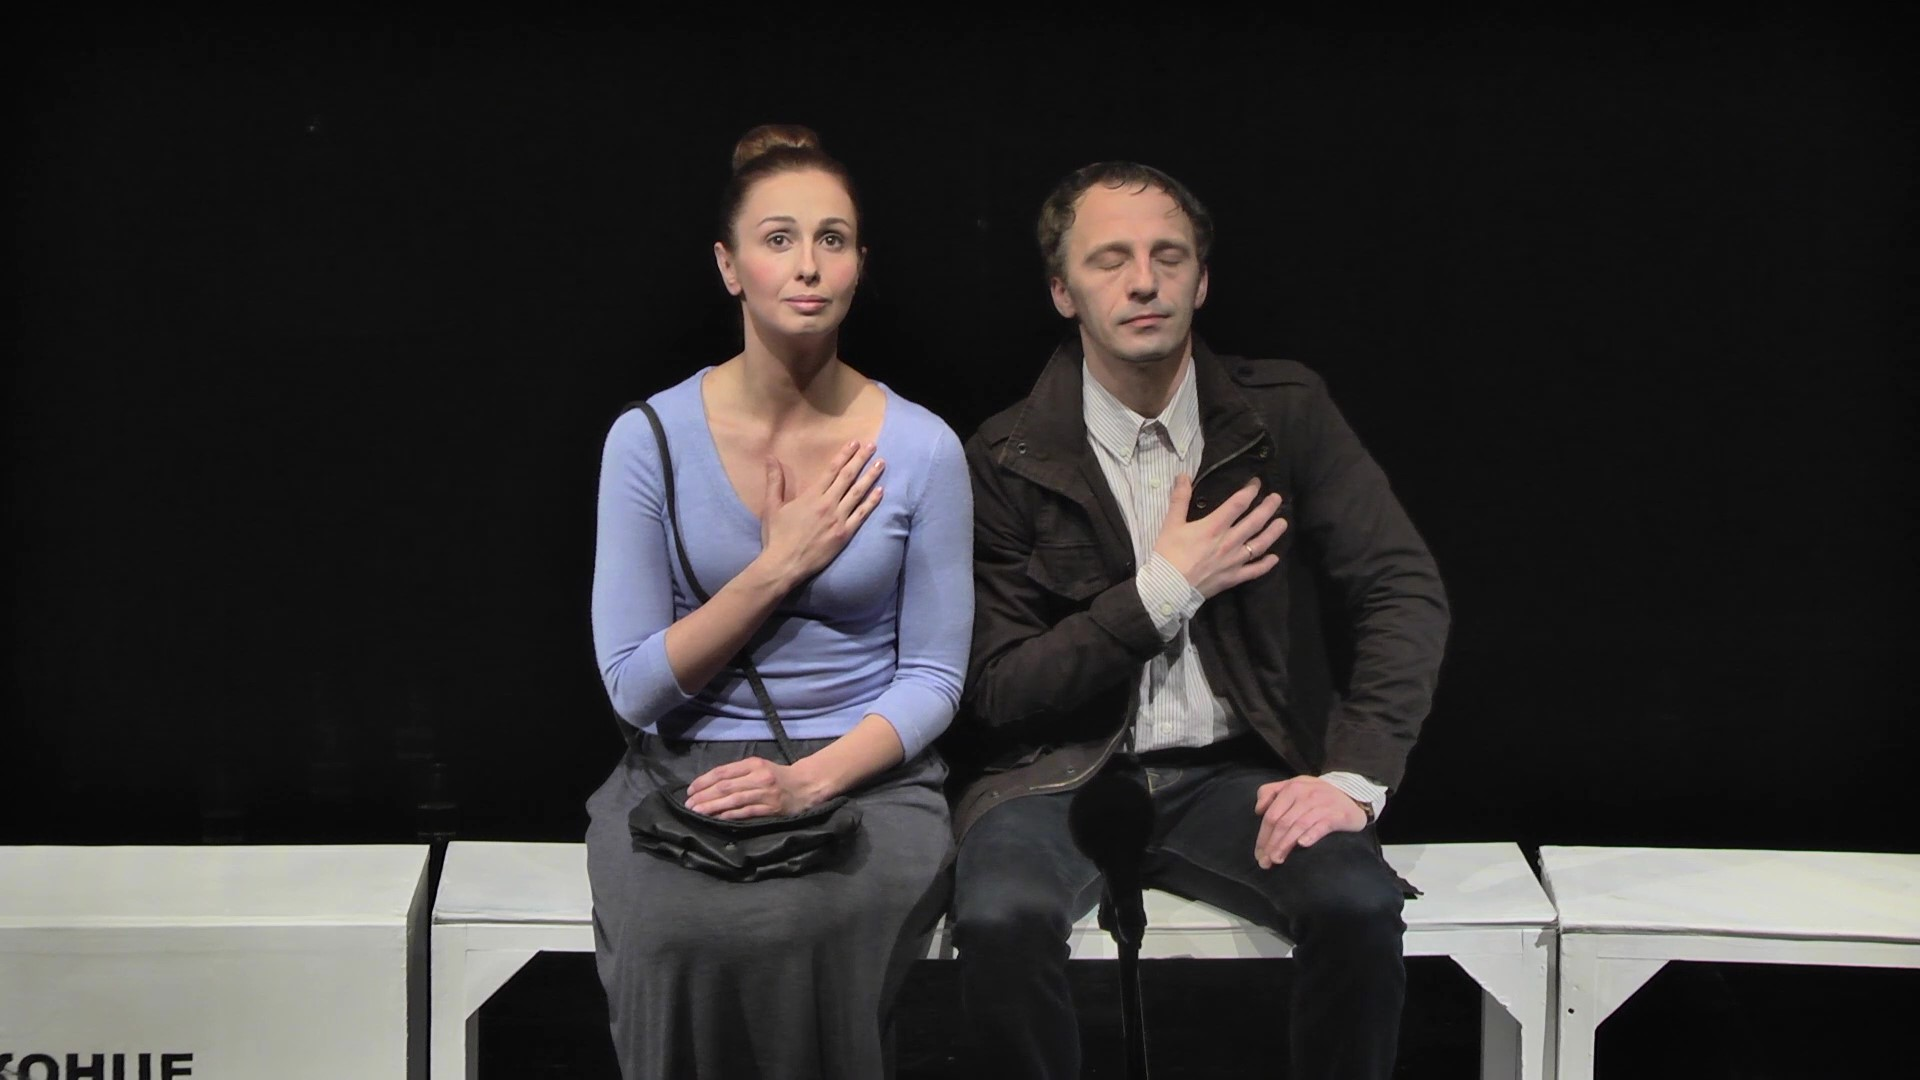 Екатерина - Марина Заланская, Андрей - Андрей Кондрашов